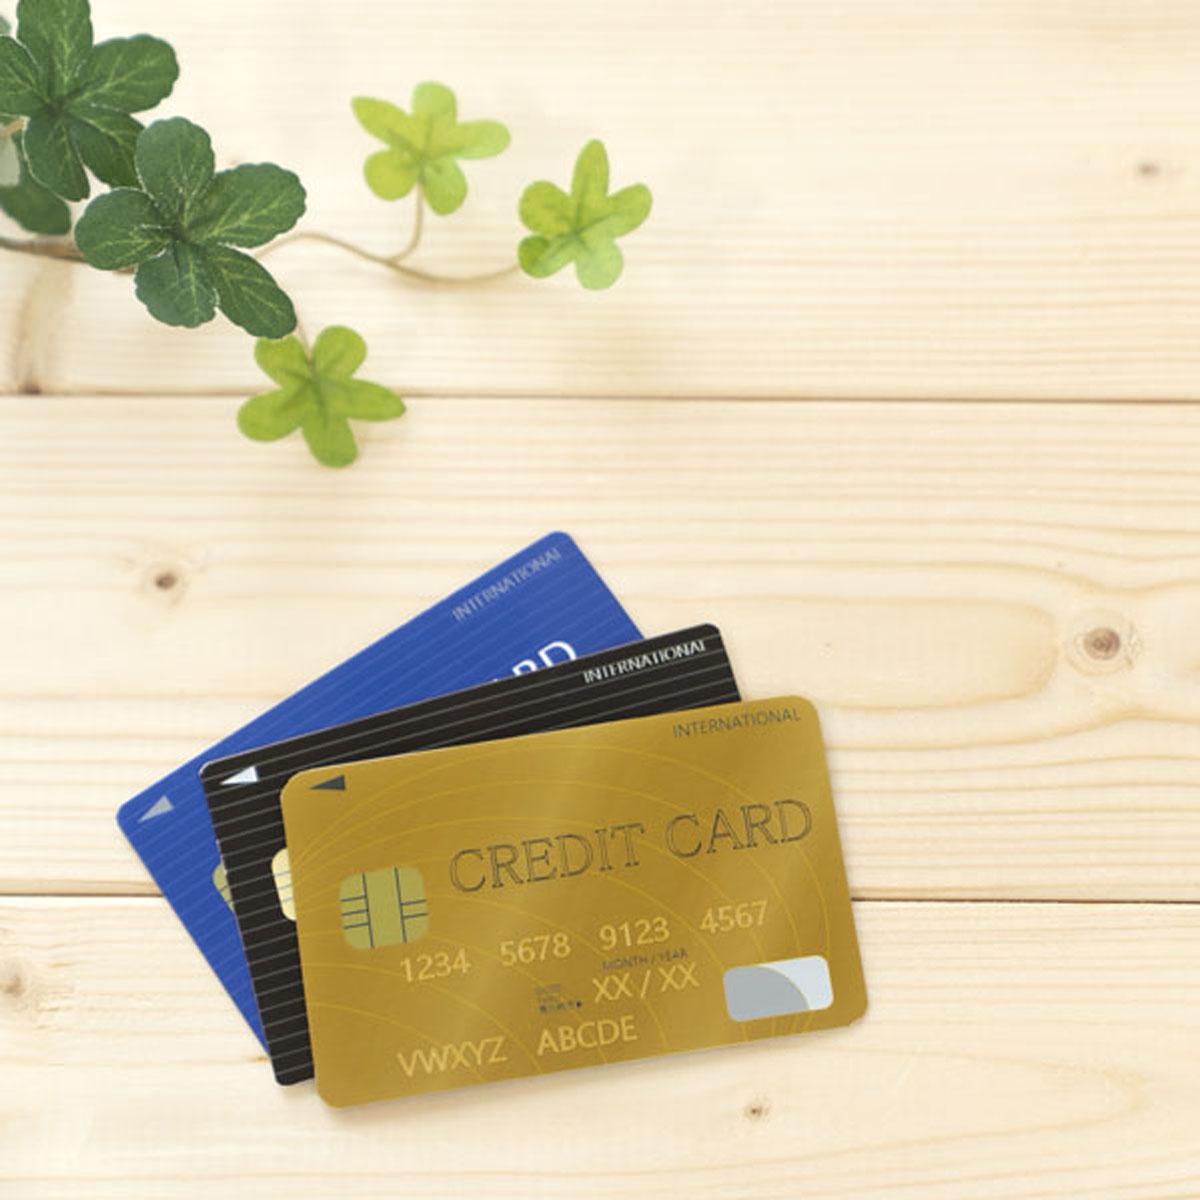 2020年春、新登場のカード4選! 初年度3%還元「LINE Payクレジットカード」などを解説